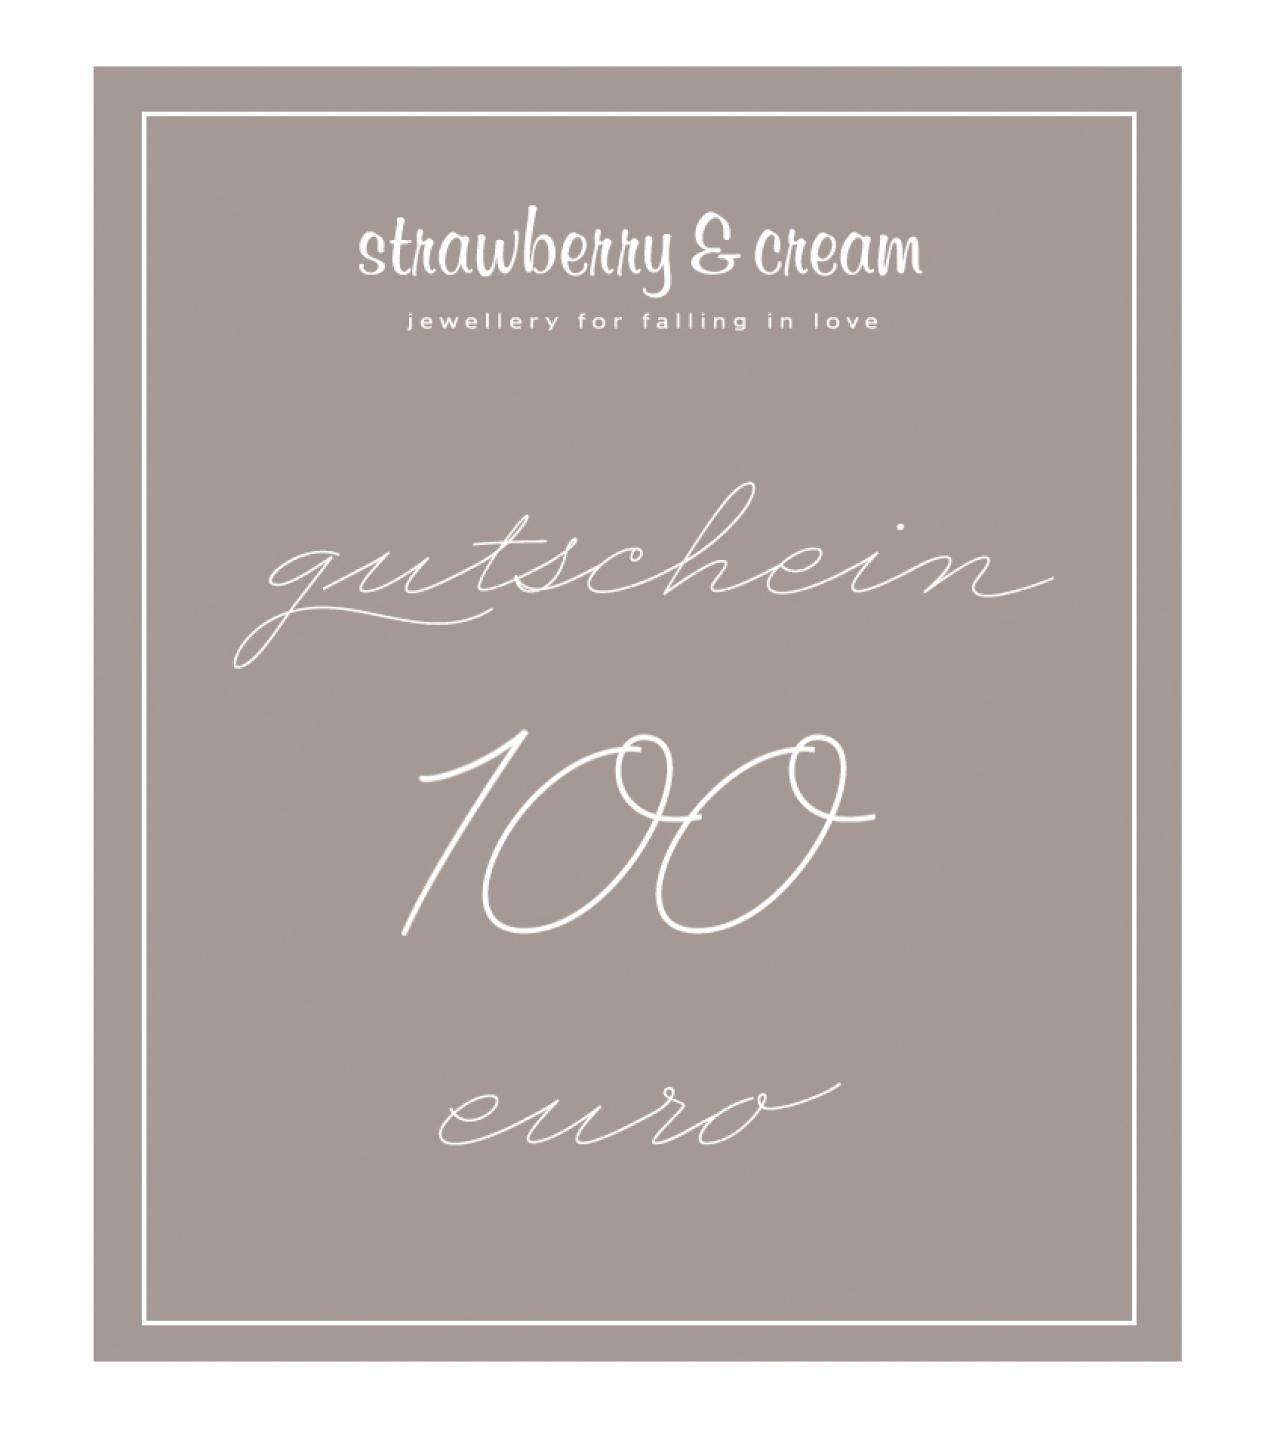 s_c_gutschein_web_100